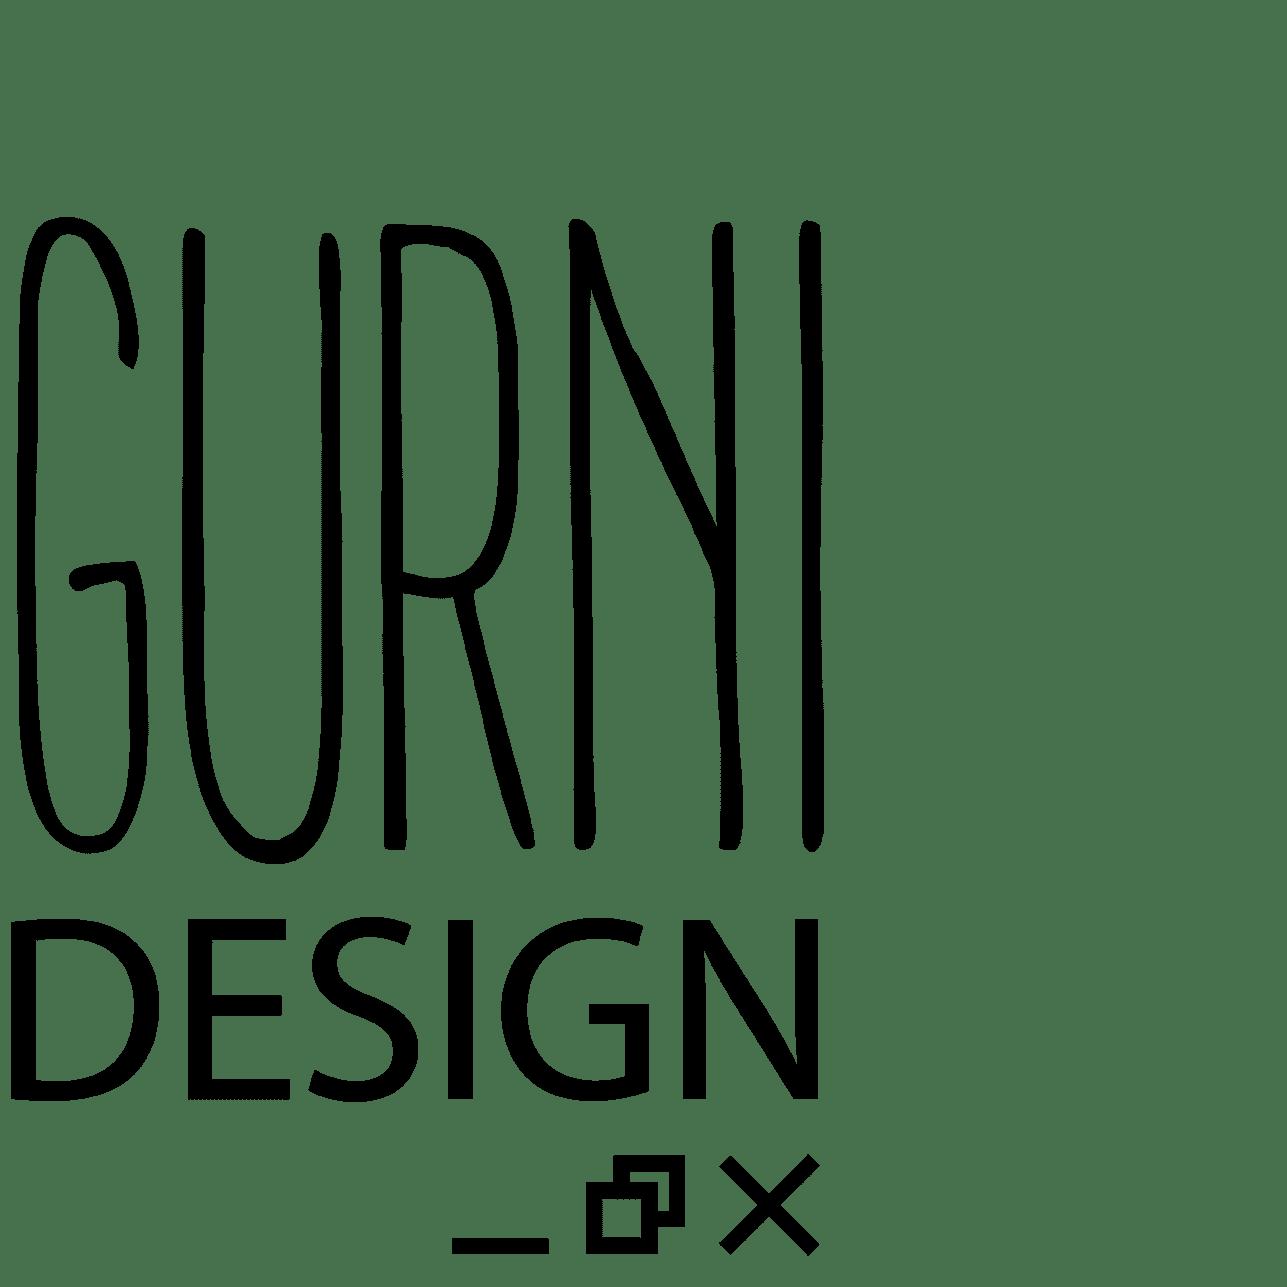 Gurni Design